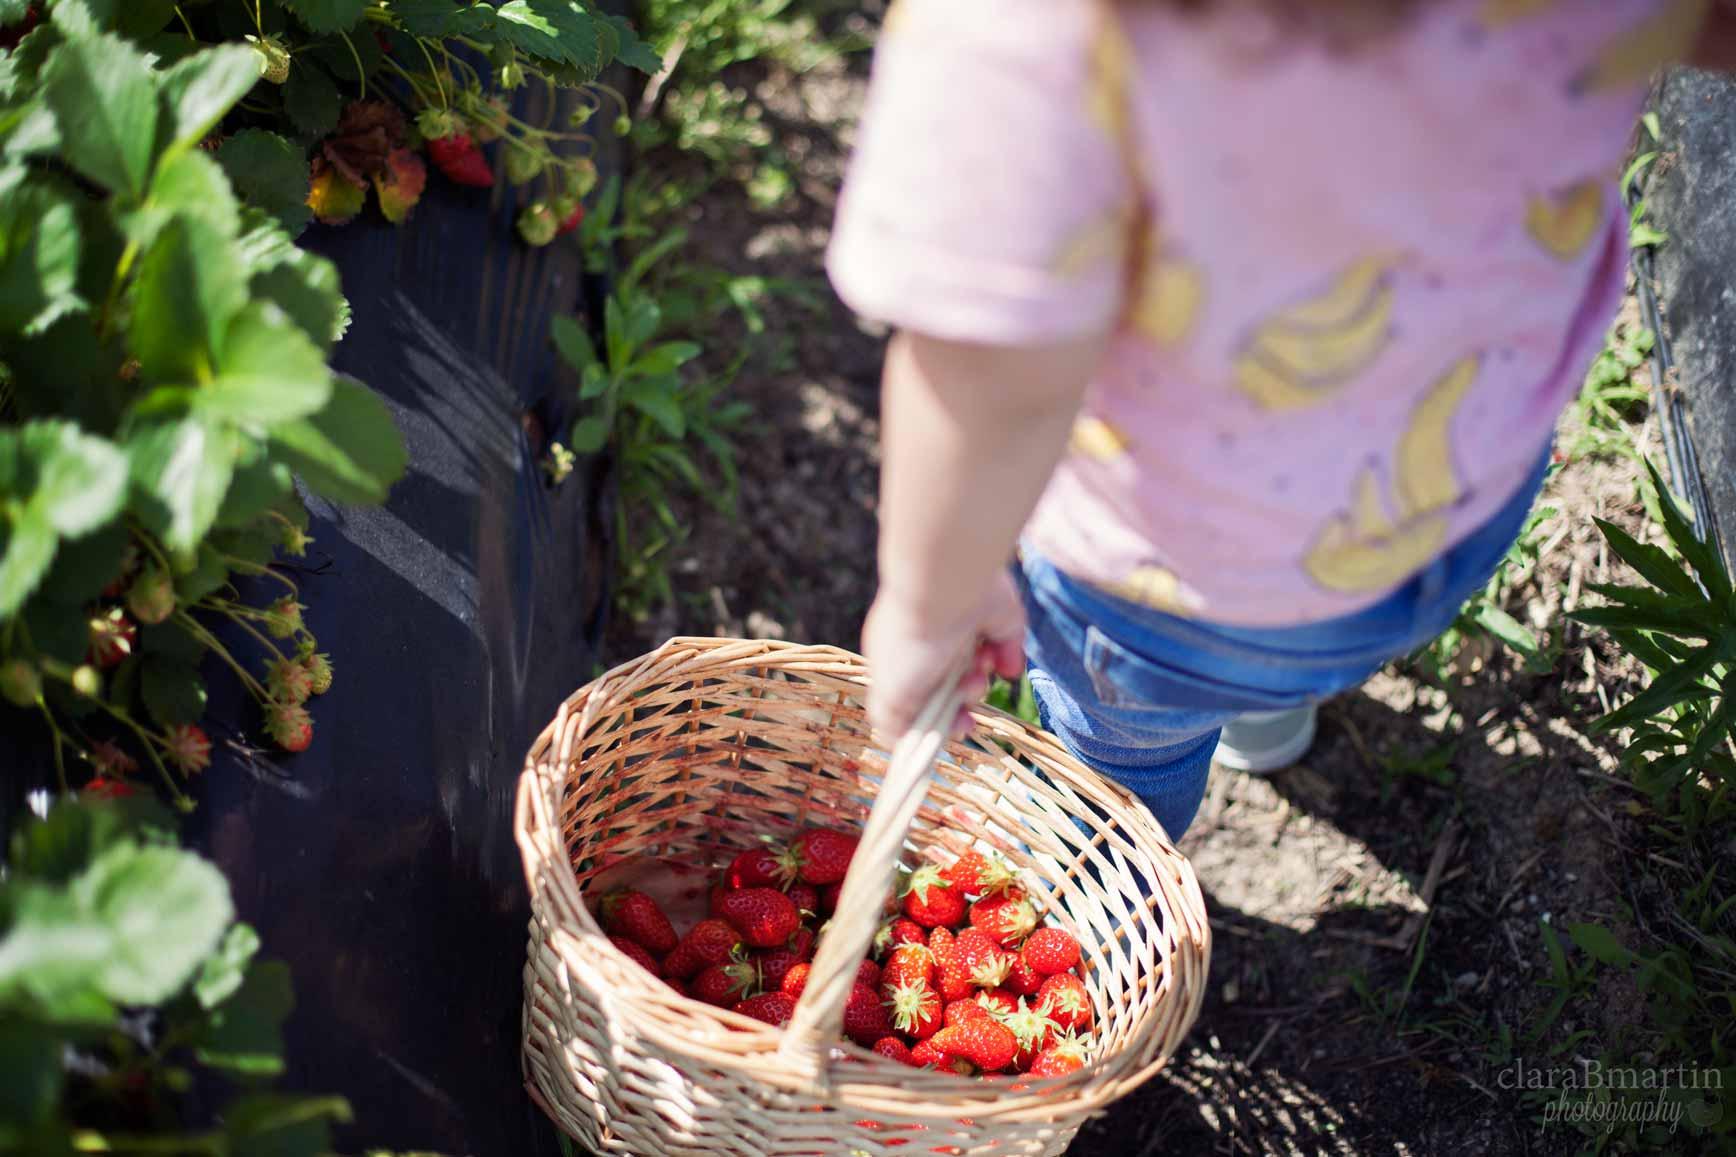 Recolecta-fresas-claraBmartin-11